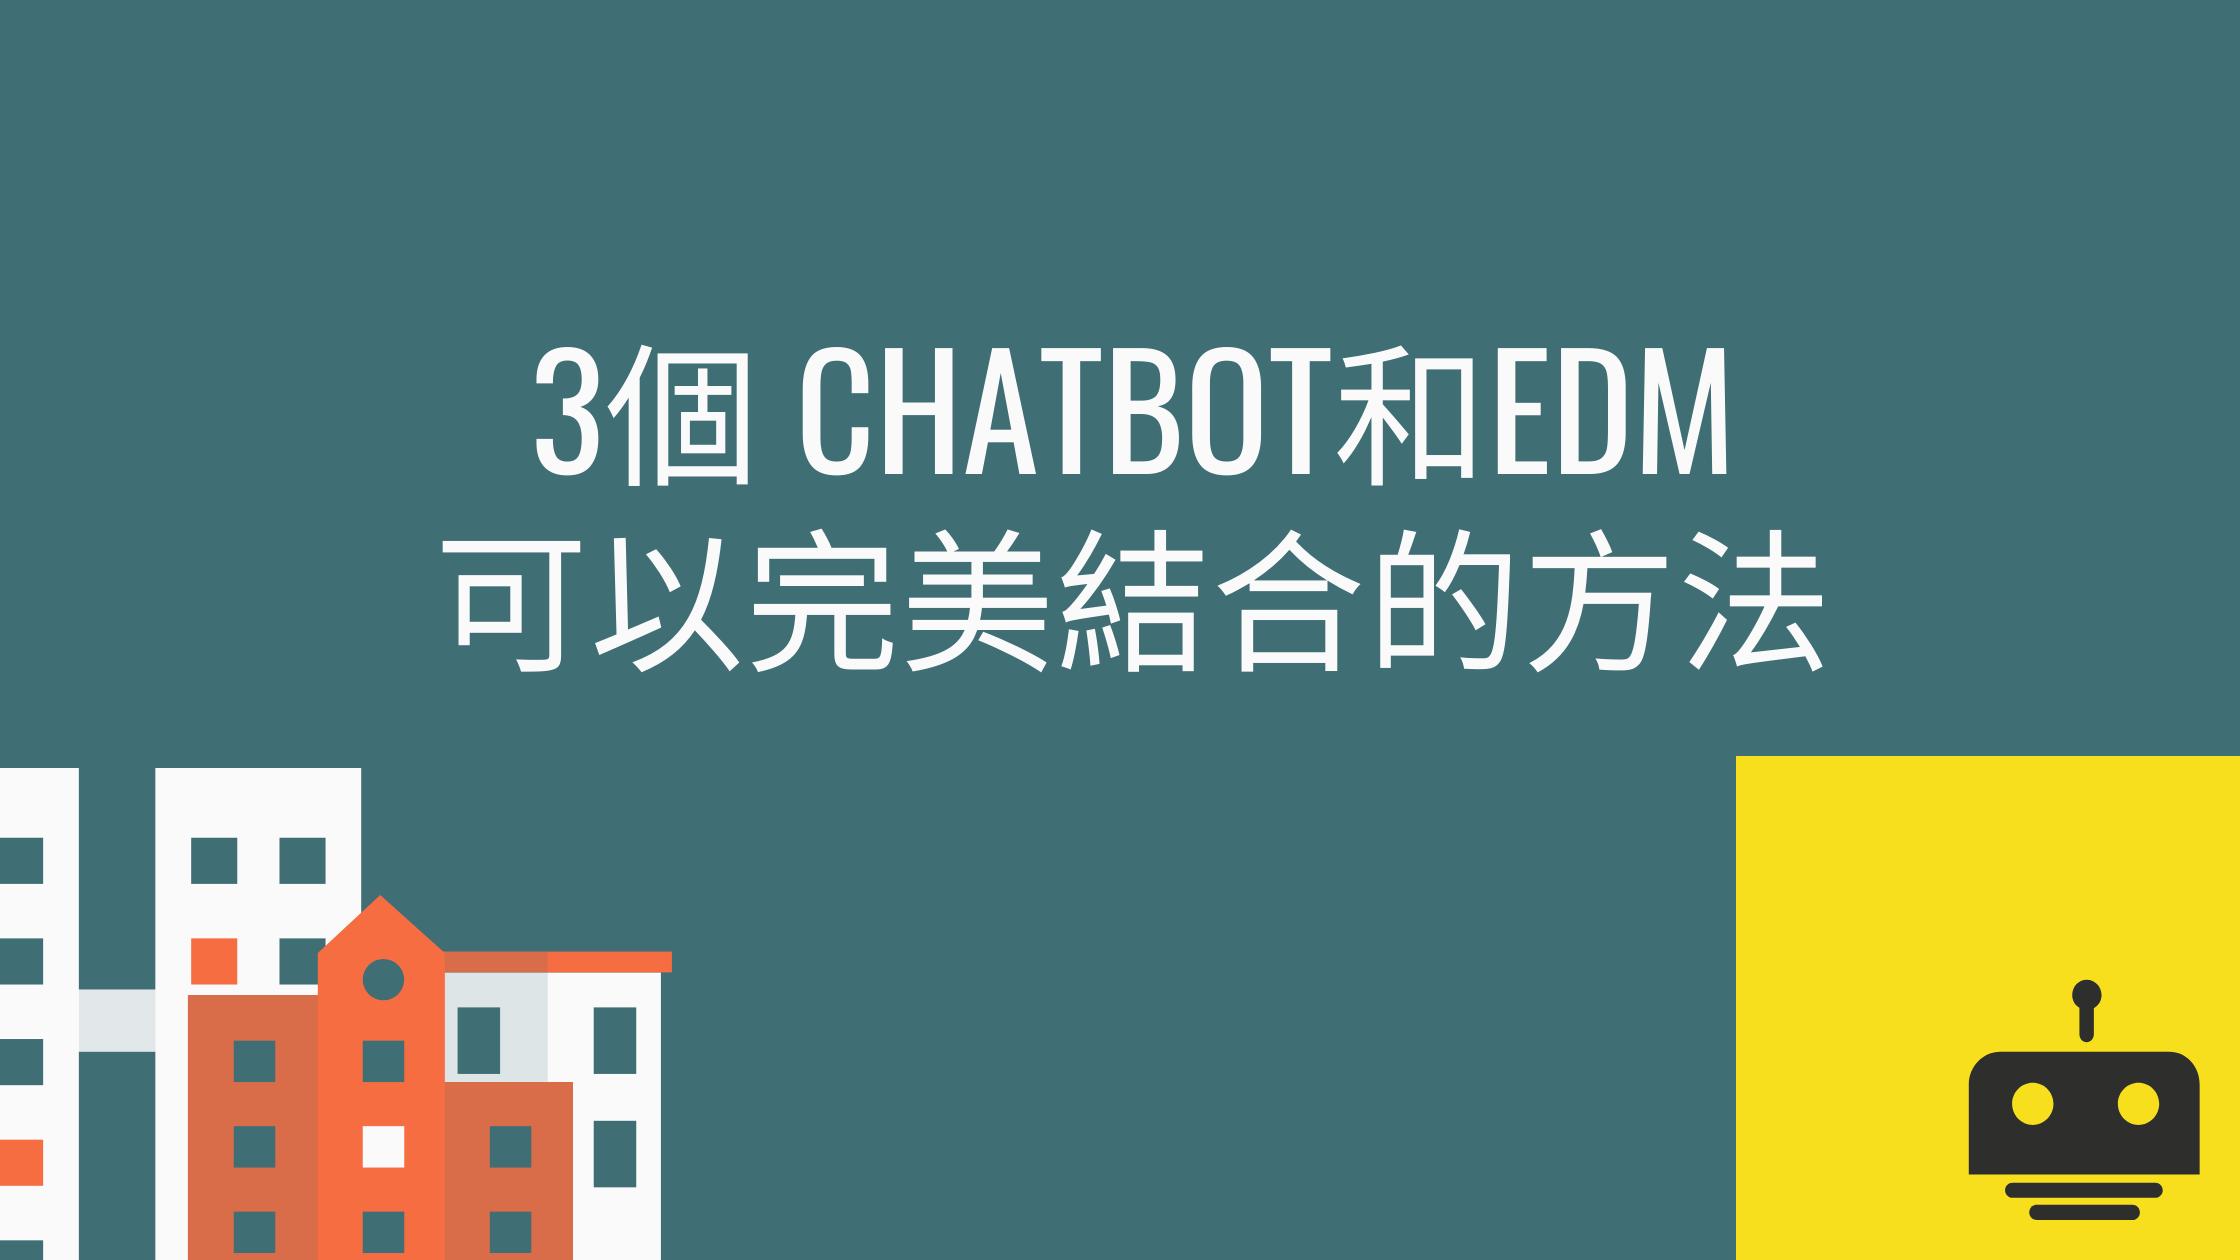 3 個 Chatbot 和 EDM 可以完美結合的方法